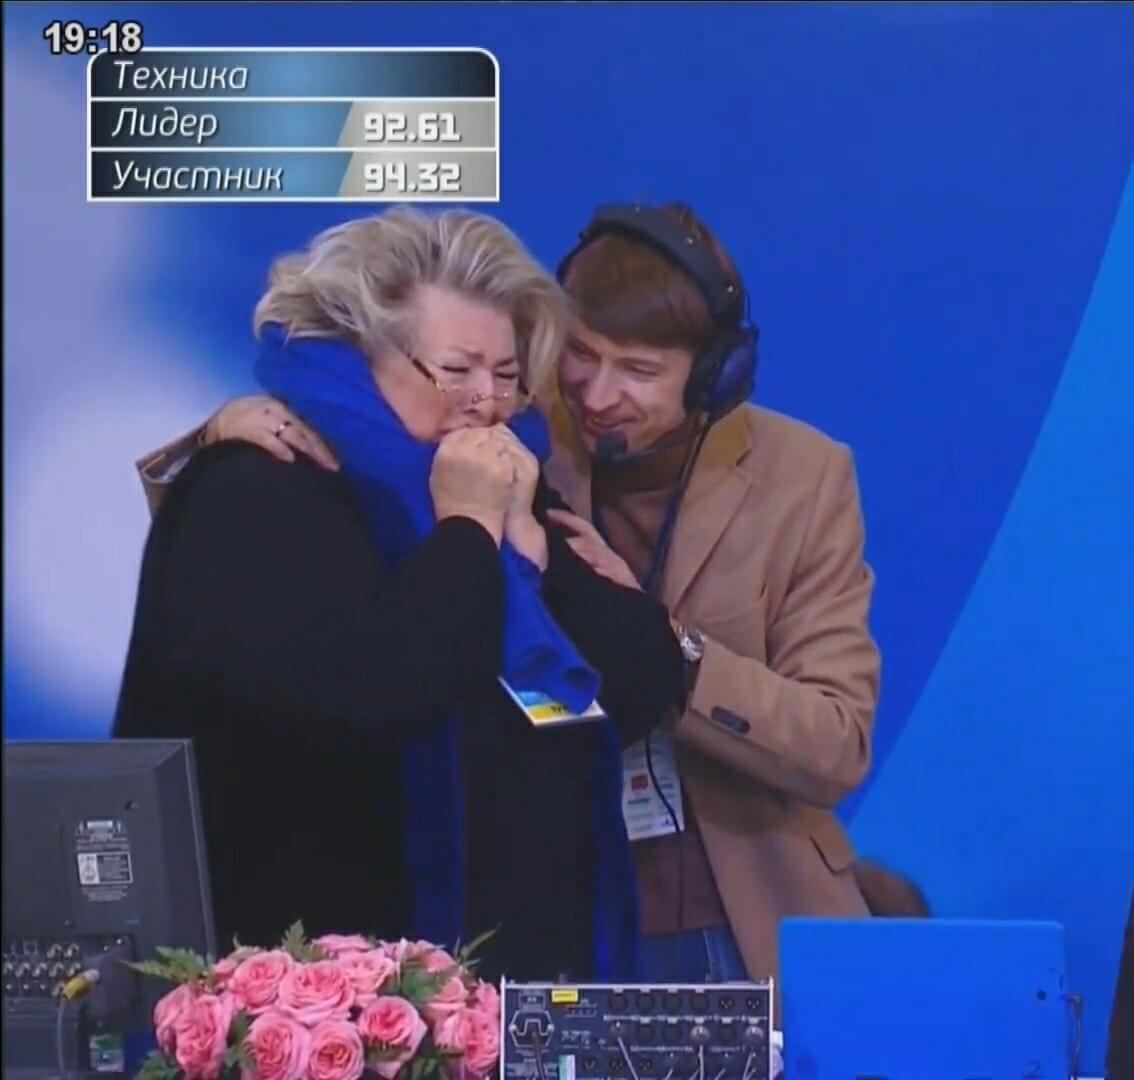 コフトンのFS演技にタラソワが歓喜の涙!感動すると話題に!